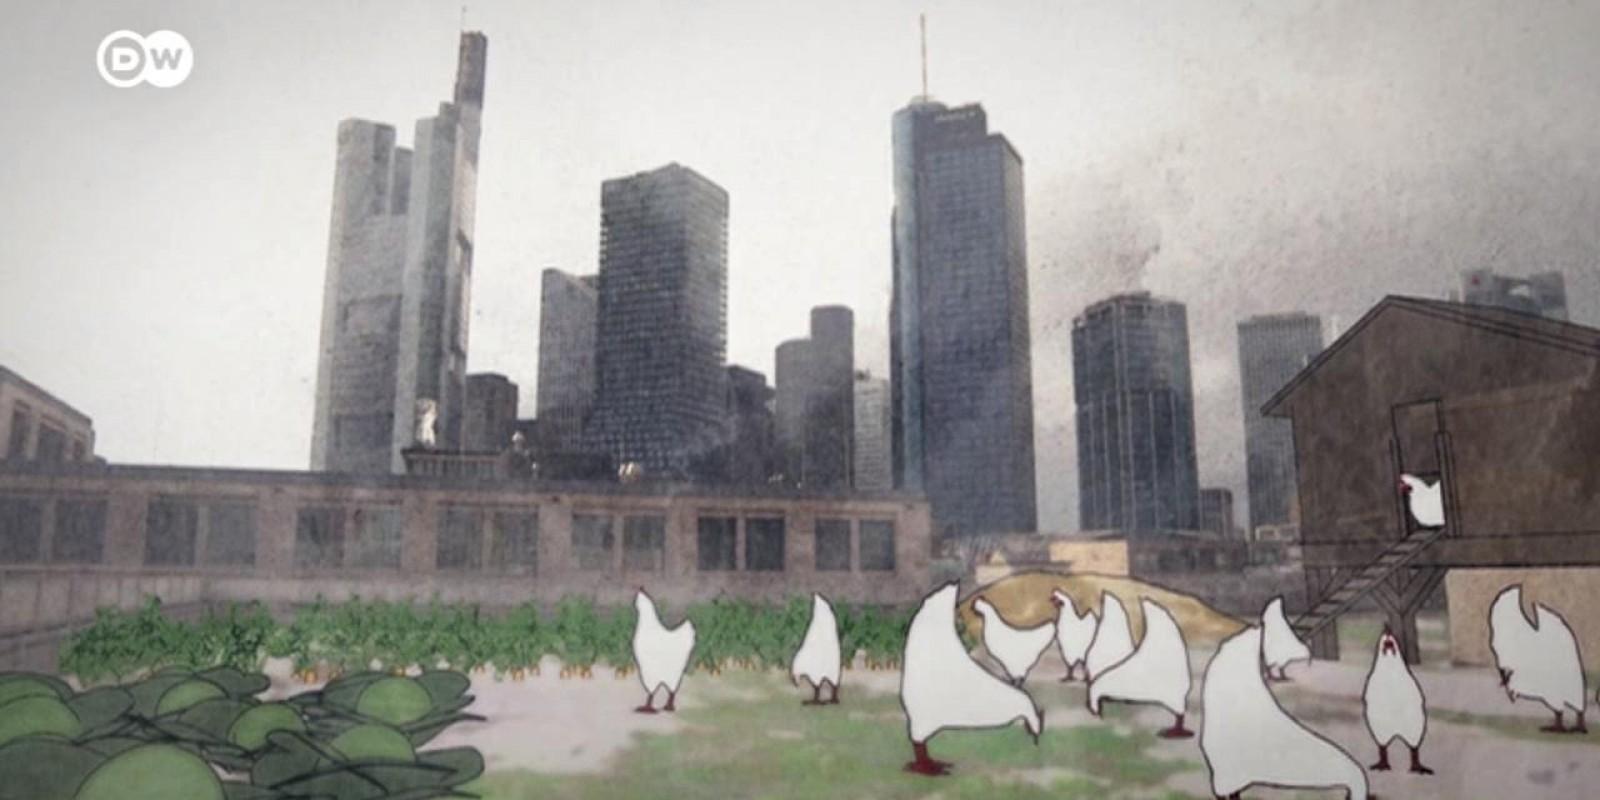 Os Efeitos Da Pandemia Na Cena Cultural De Três Metrópoles